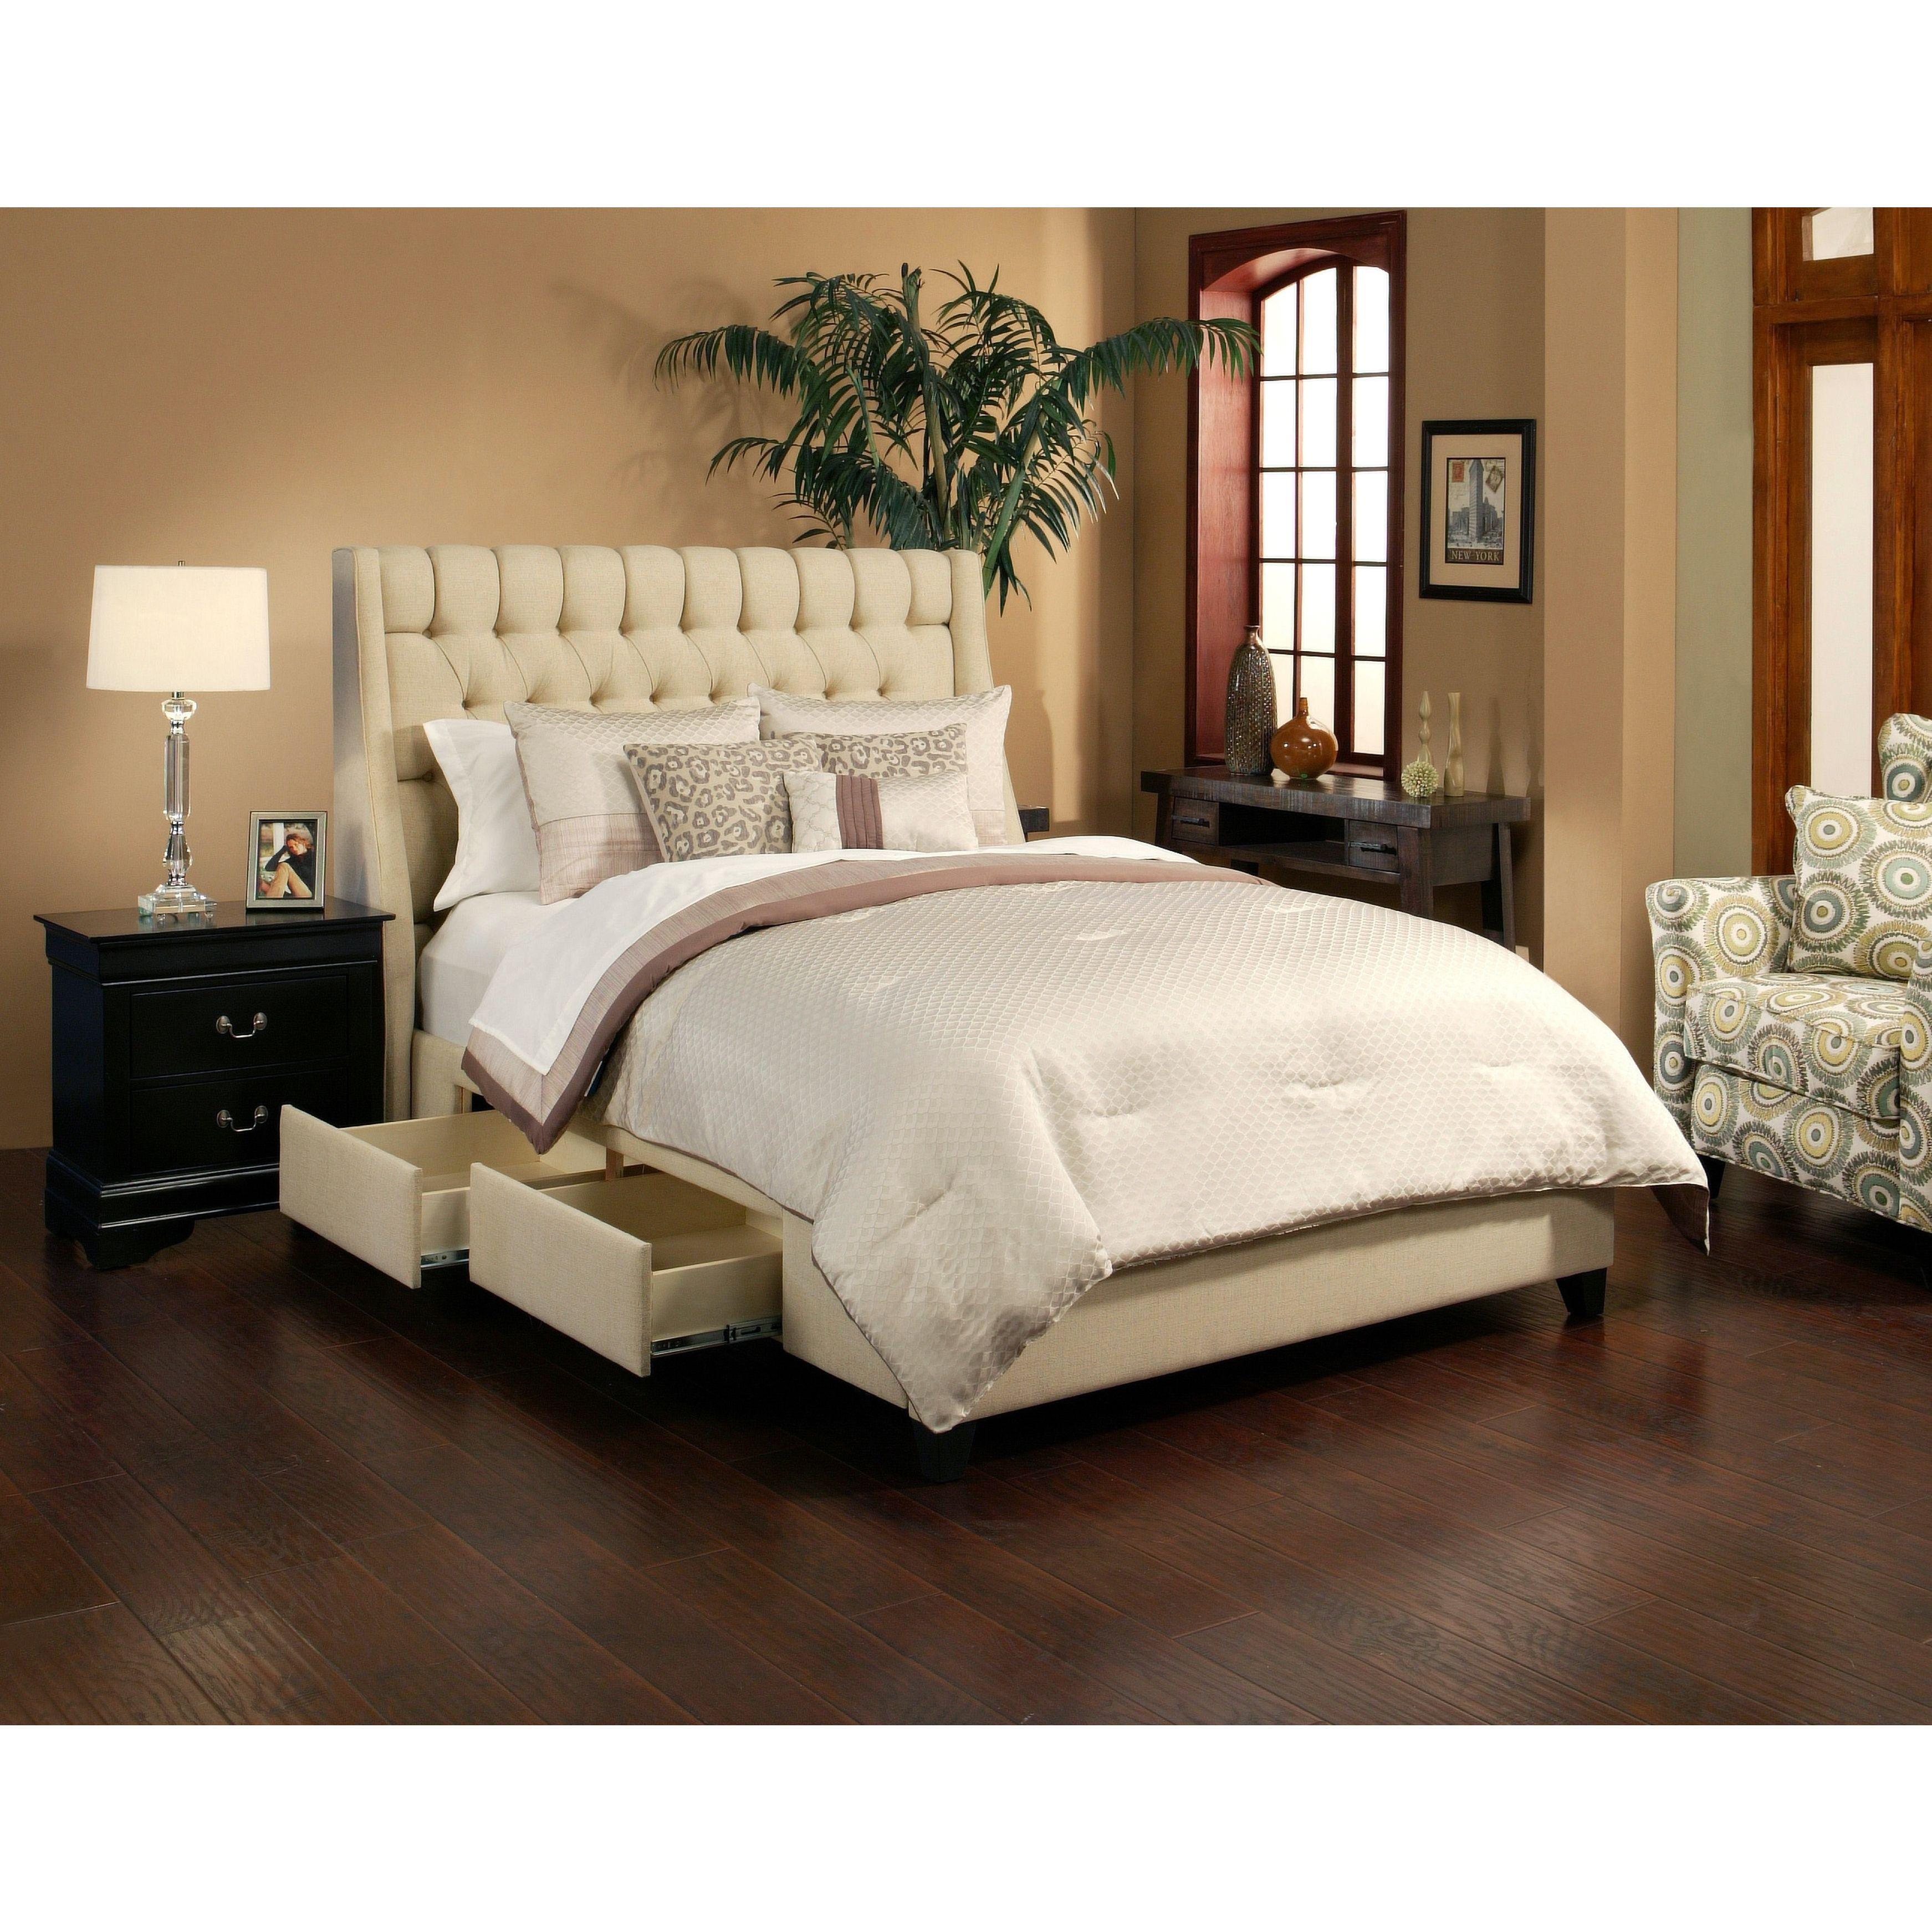 Upholstered platform bed with storage - Cambridge Wheat 4 Drawer Upholstered Platform Storage Bed